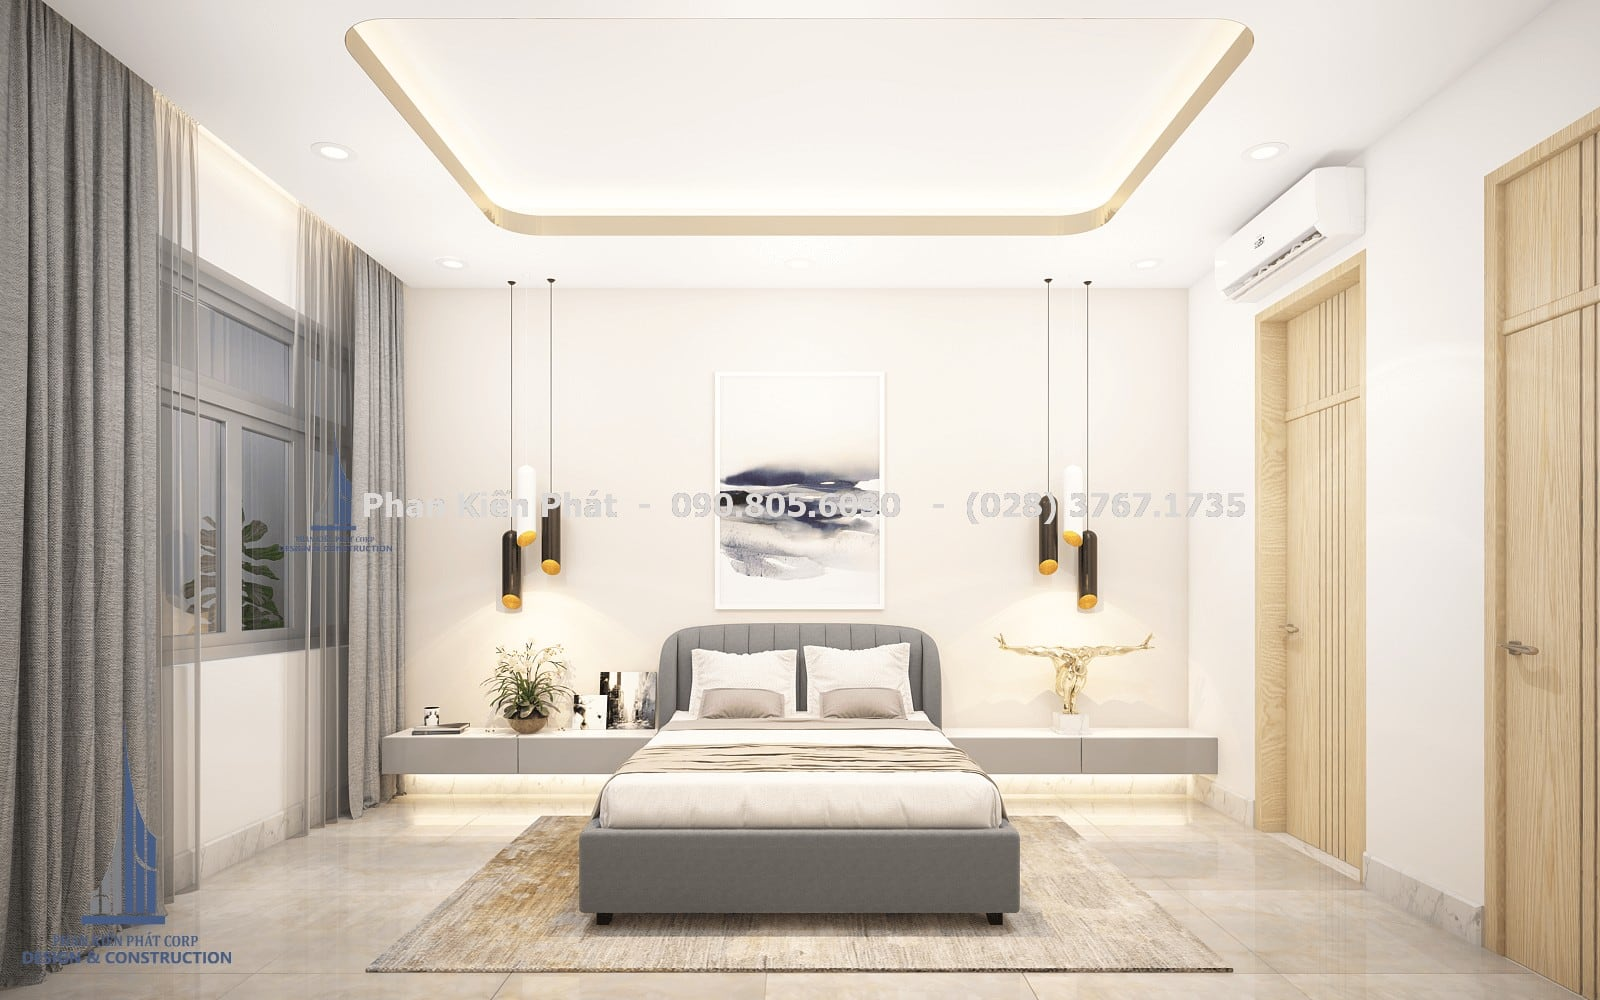 Nội thất phòng ngủ dành cho khách đẹp góc 1